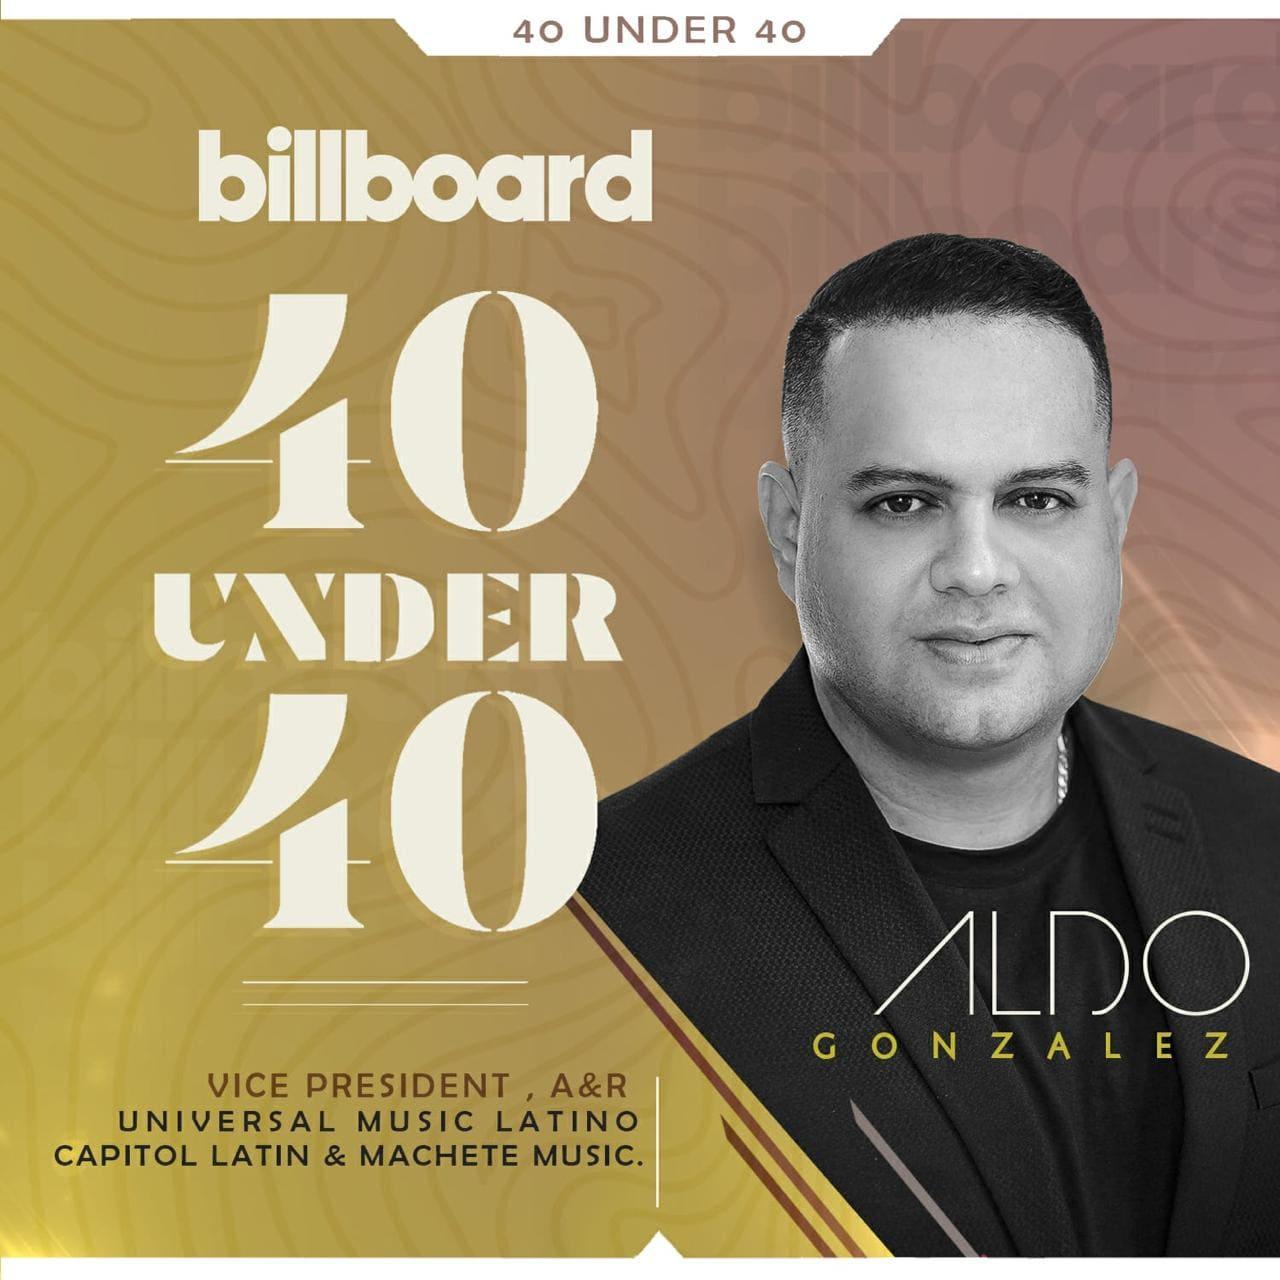 Ecuatoriano Aldo González se encuentra entre los jóvenes más relevante de Billboard 2020